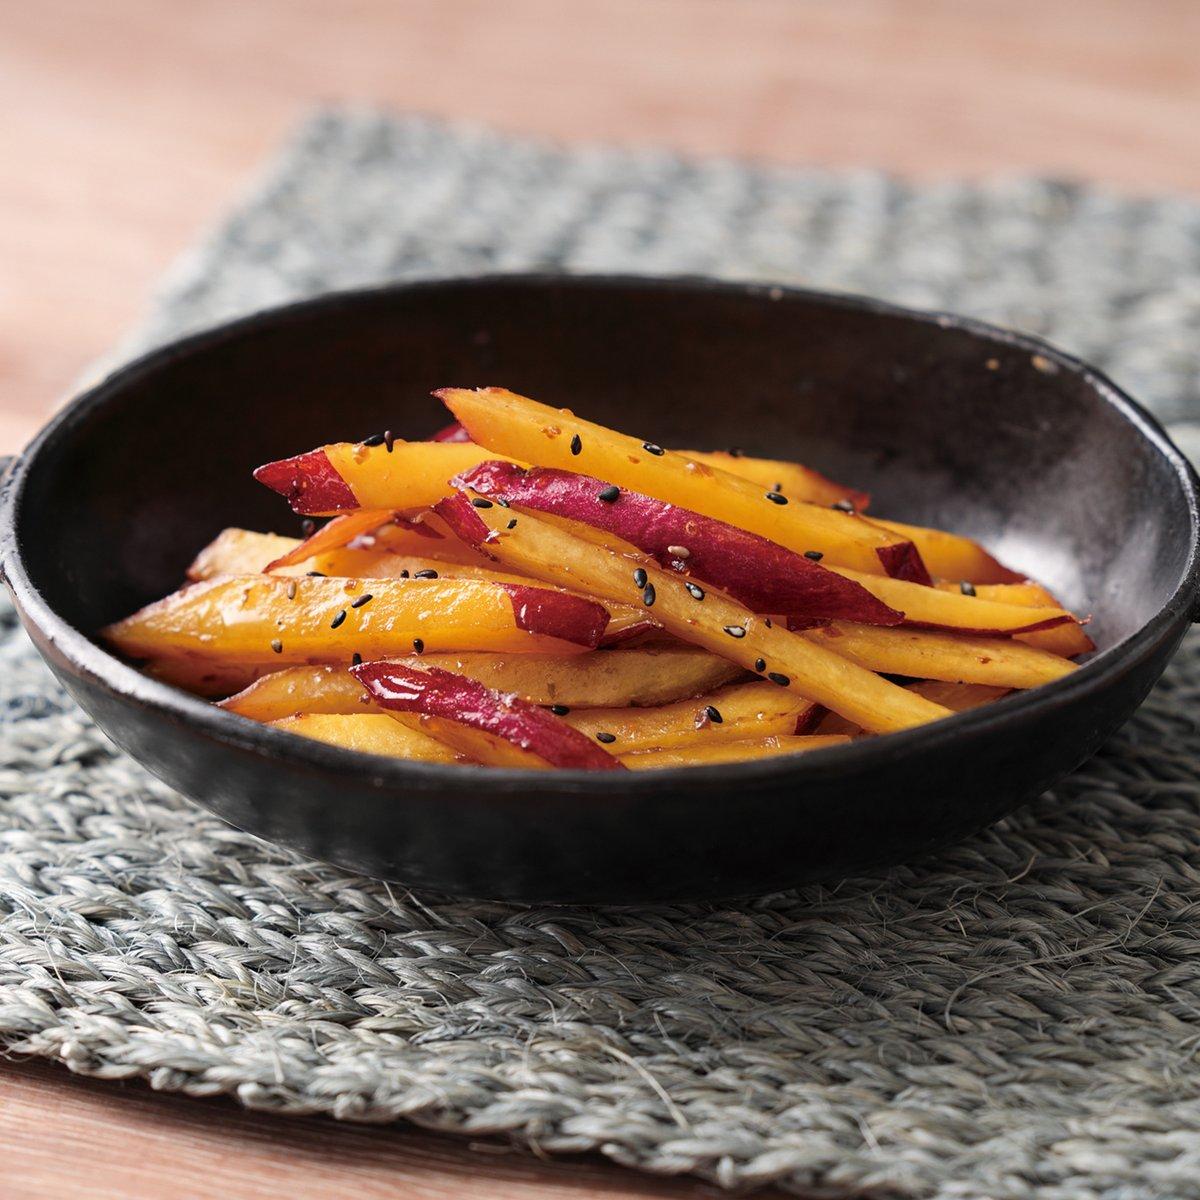 10月13日は #サツマイモの日 🍠さつまいものさっぱりきんぴらはいかがでしょう🍠「CO・OP野菜たっぷり和風ドレッシング」を使うことでさっぱり、おいもの甘みを楽しむきんぴらになりますよ✨(´∀`艸)♡ コノキセツニ ピッタリ ダネー🔽詳しいレシピはこちら🔽